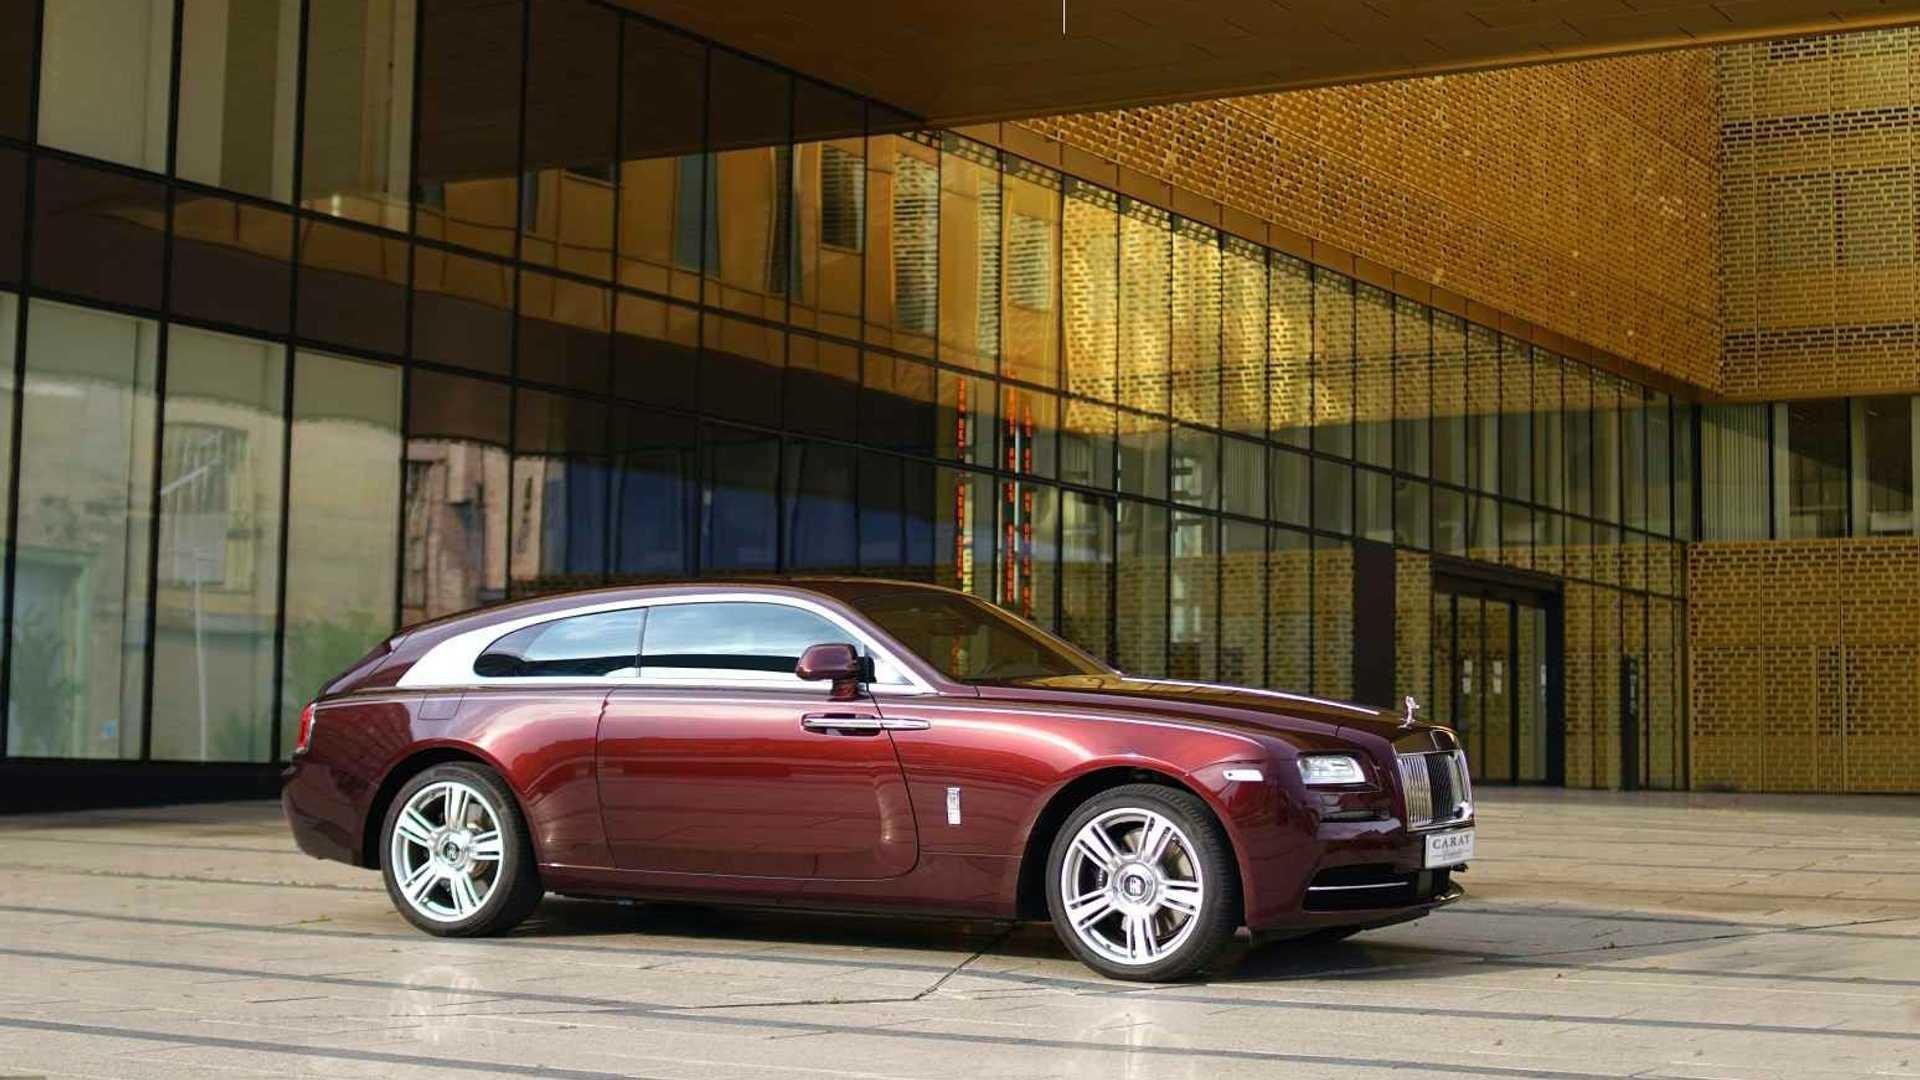 Тайна универсала Rolls-Royce раскрыта — мелкосерийный проект от бельгийцев